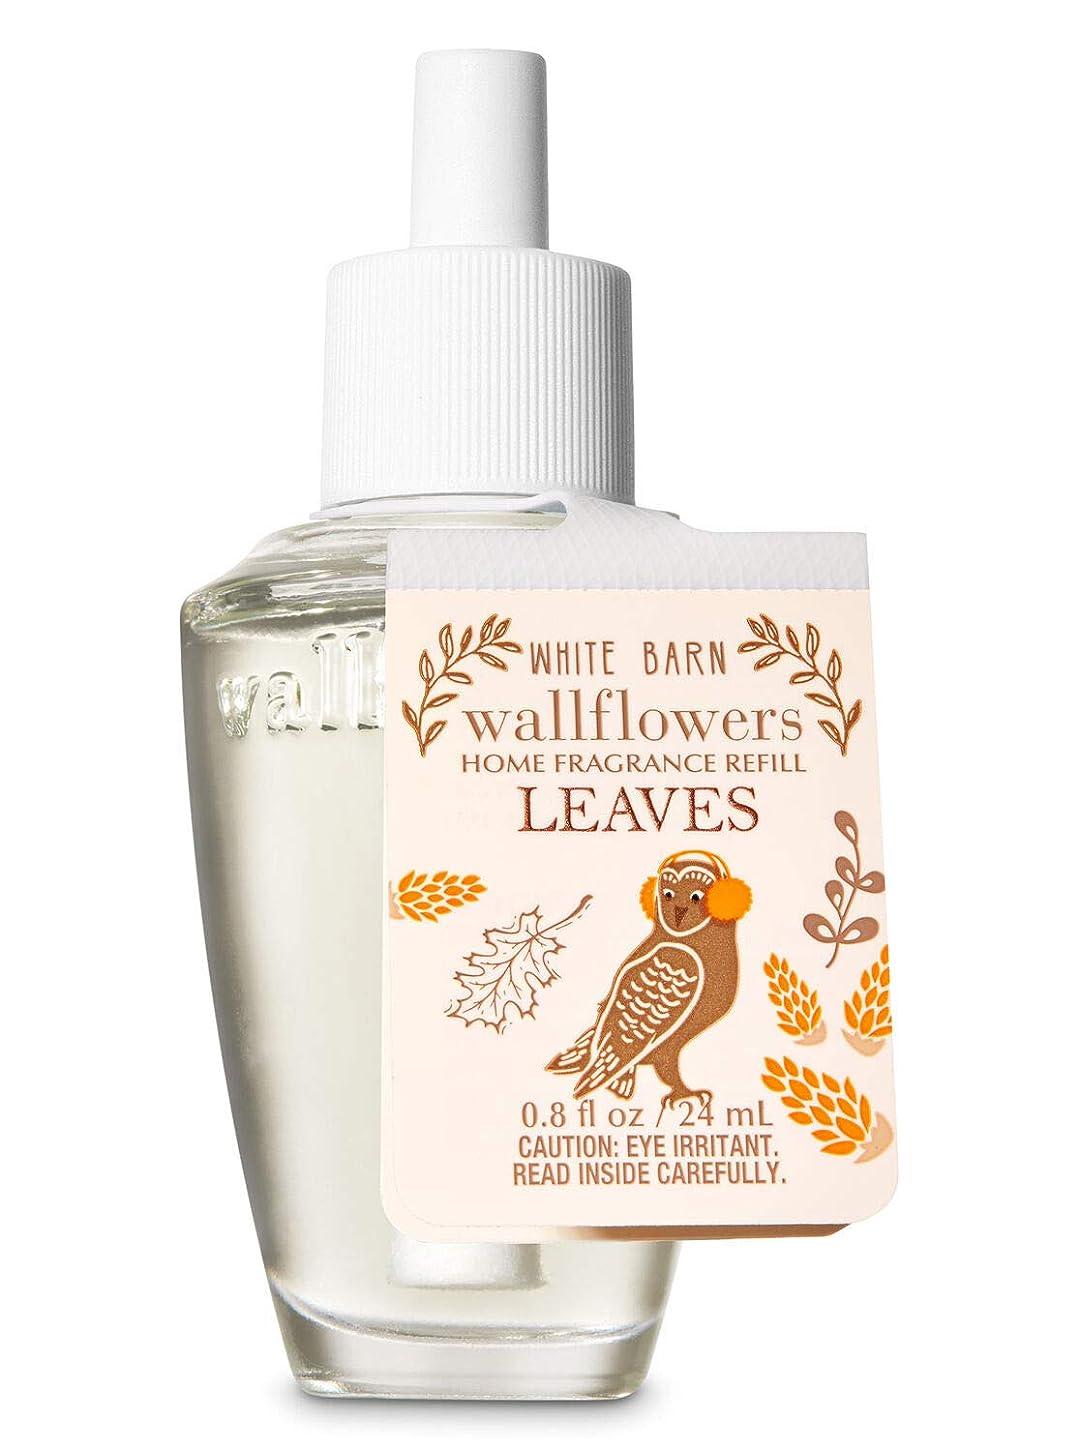 広くクローン群集【Bath&Body Works/バス&ボディワークス】 ルームフレグランス 詰替えリフィル リーブス Wallflowers Home Fragrance Refill Leaves [並行輸入品]